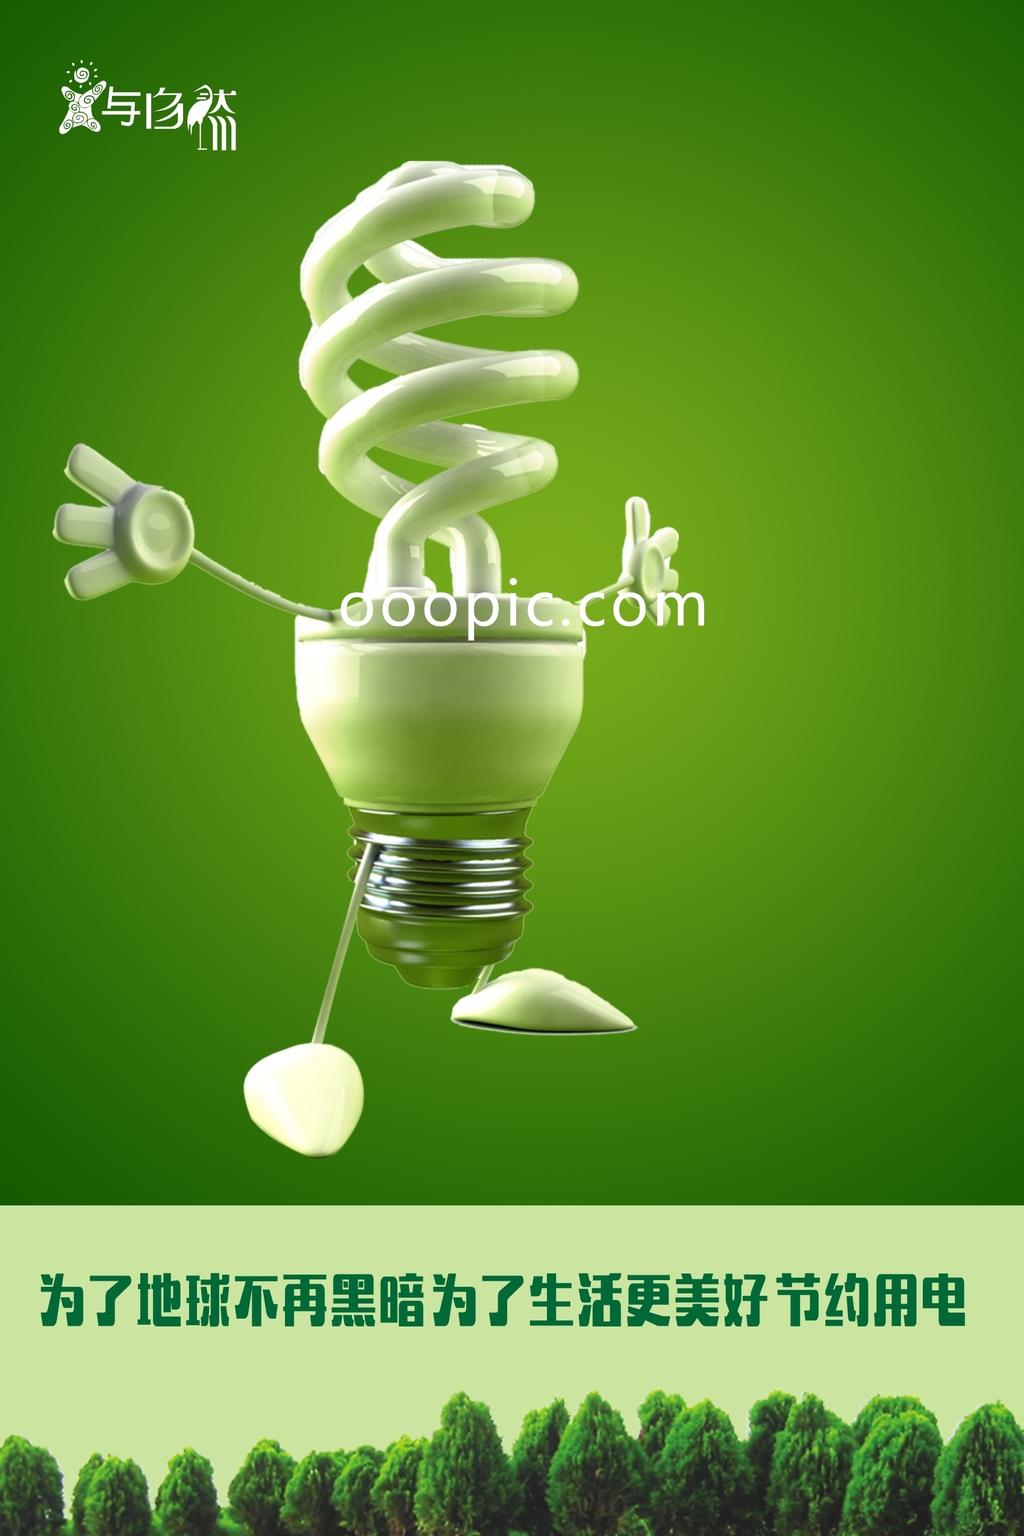 环境保护展板 节约能源